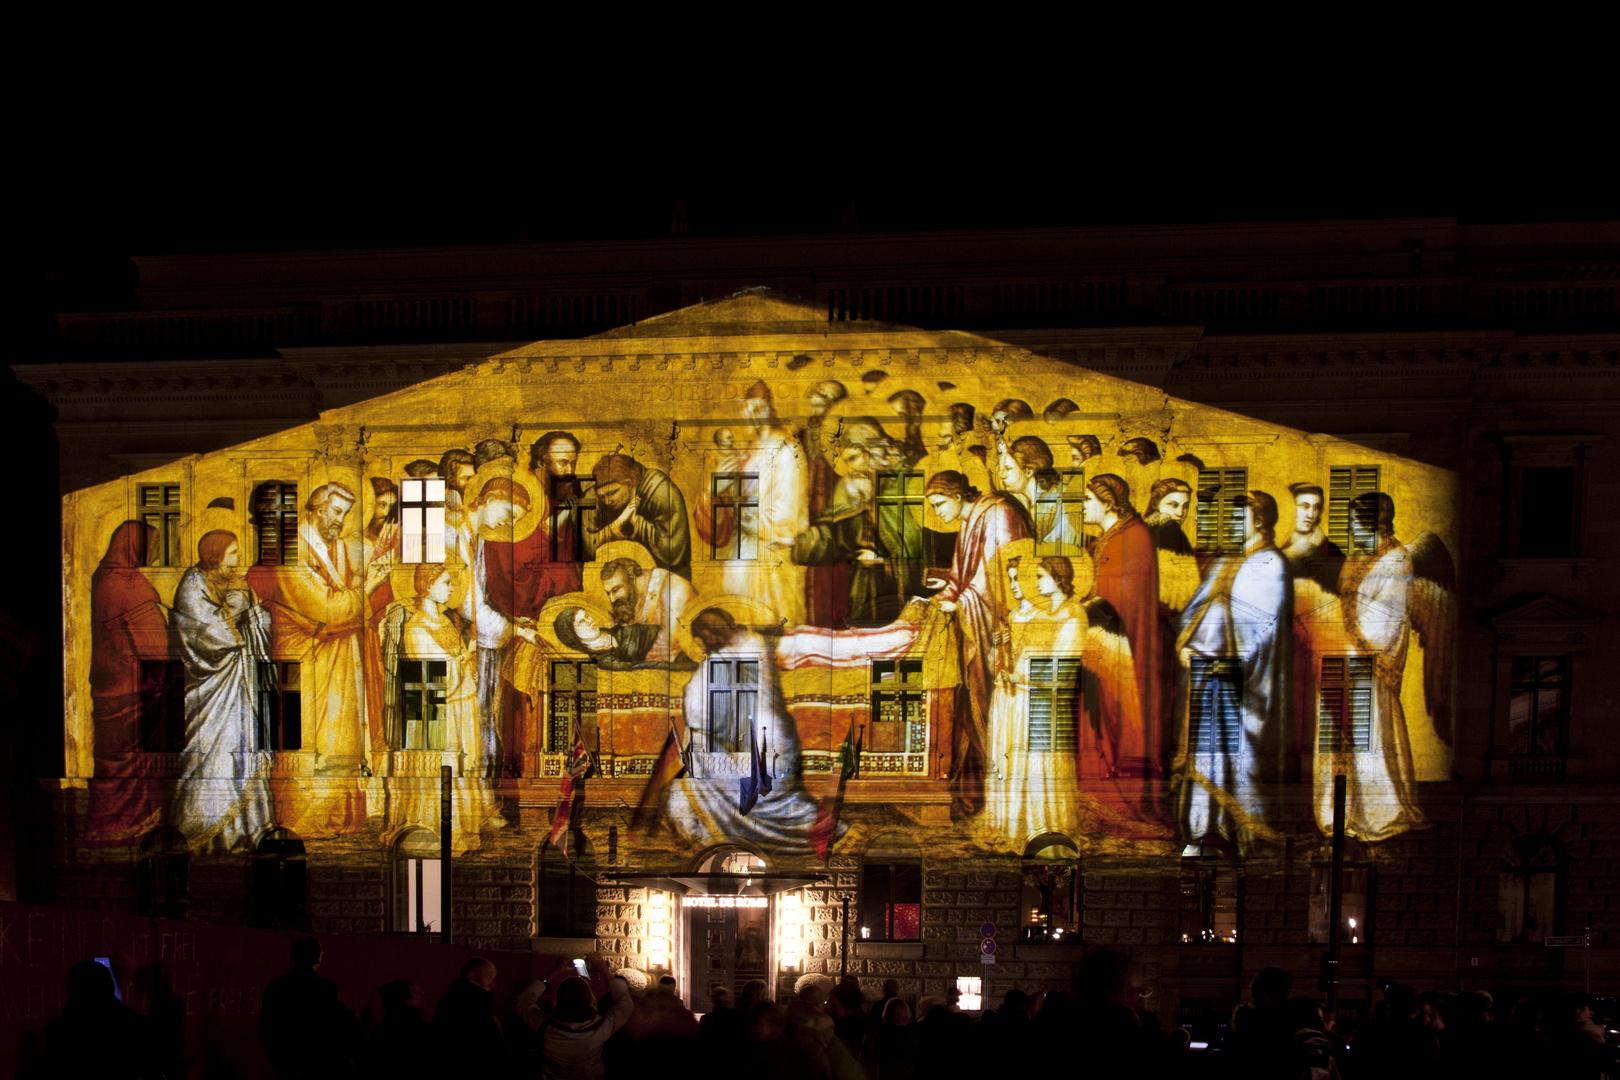 Festival of Lights 2013 (7)